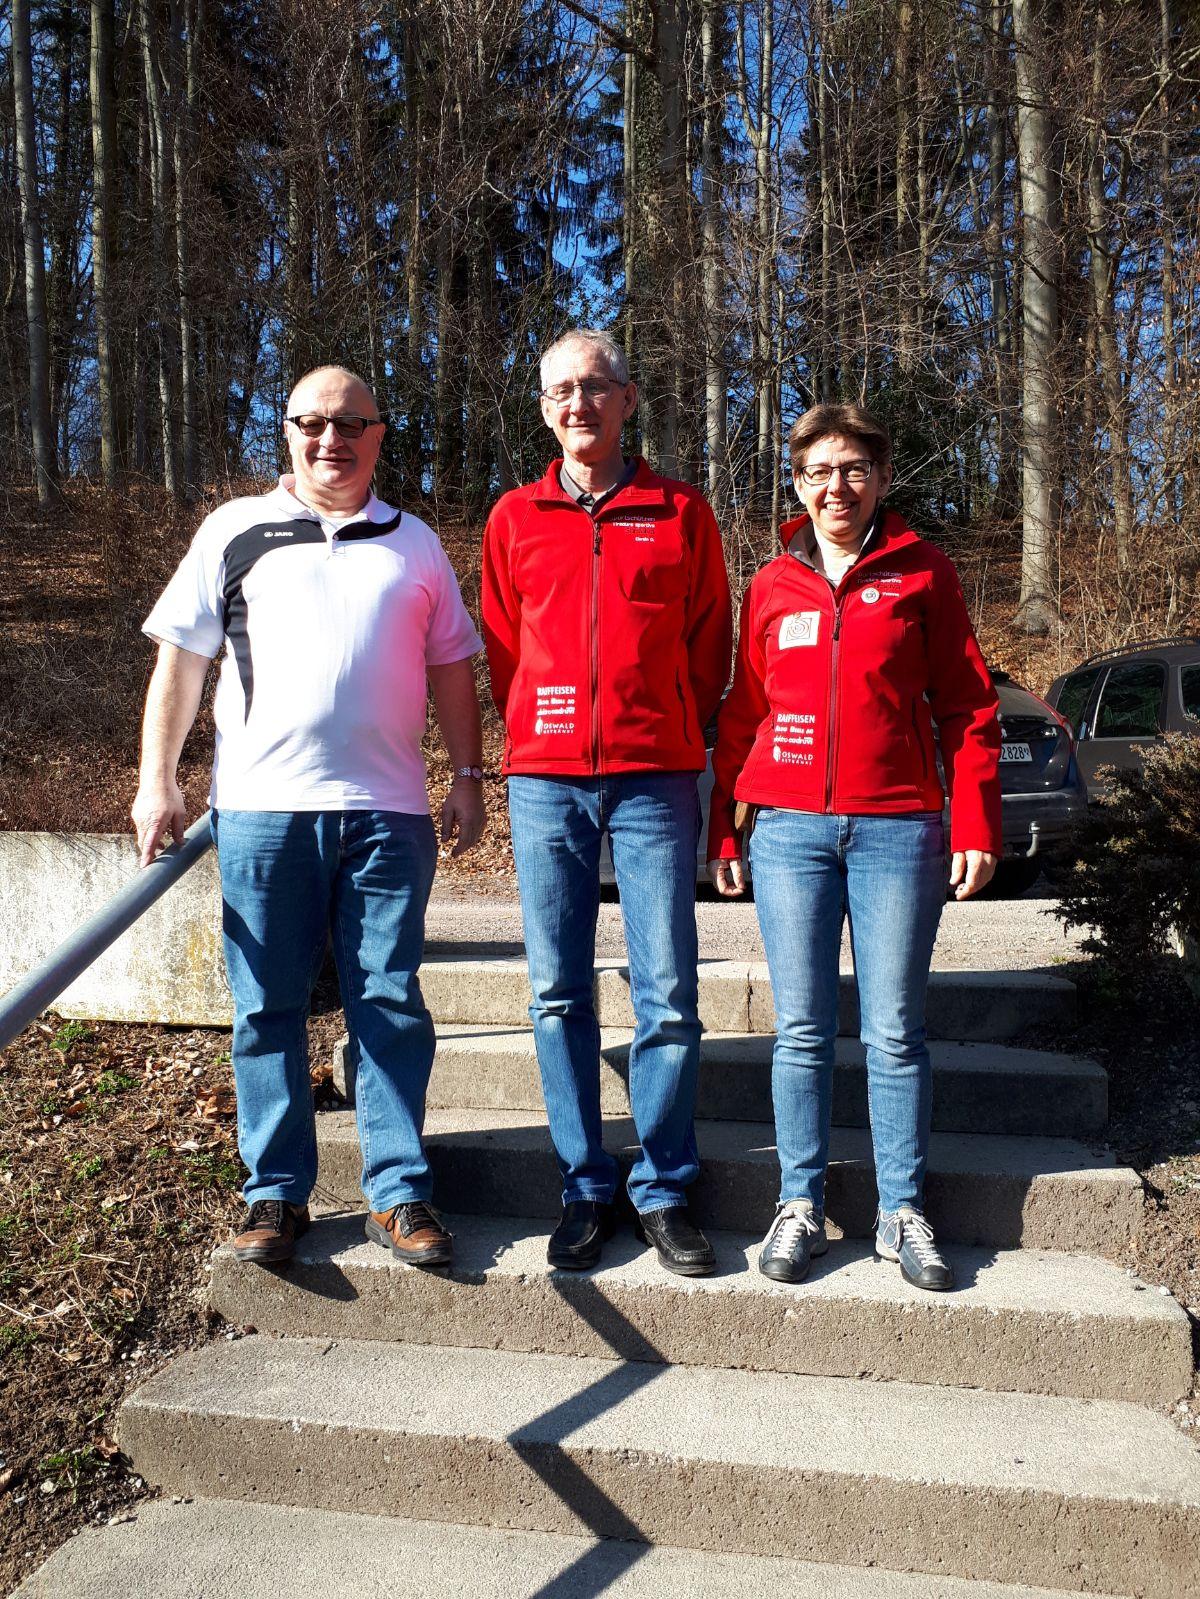 Wetswil Final - Corsin D. unser Sieger, links Heinz Hug 2. Rang und Yvonne